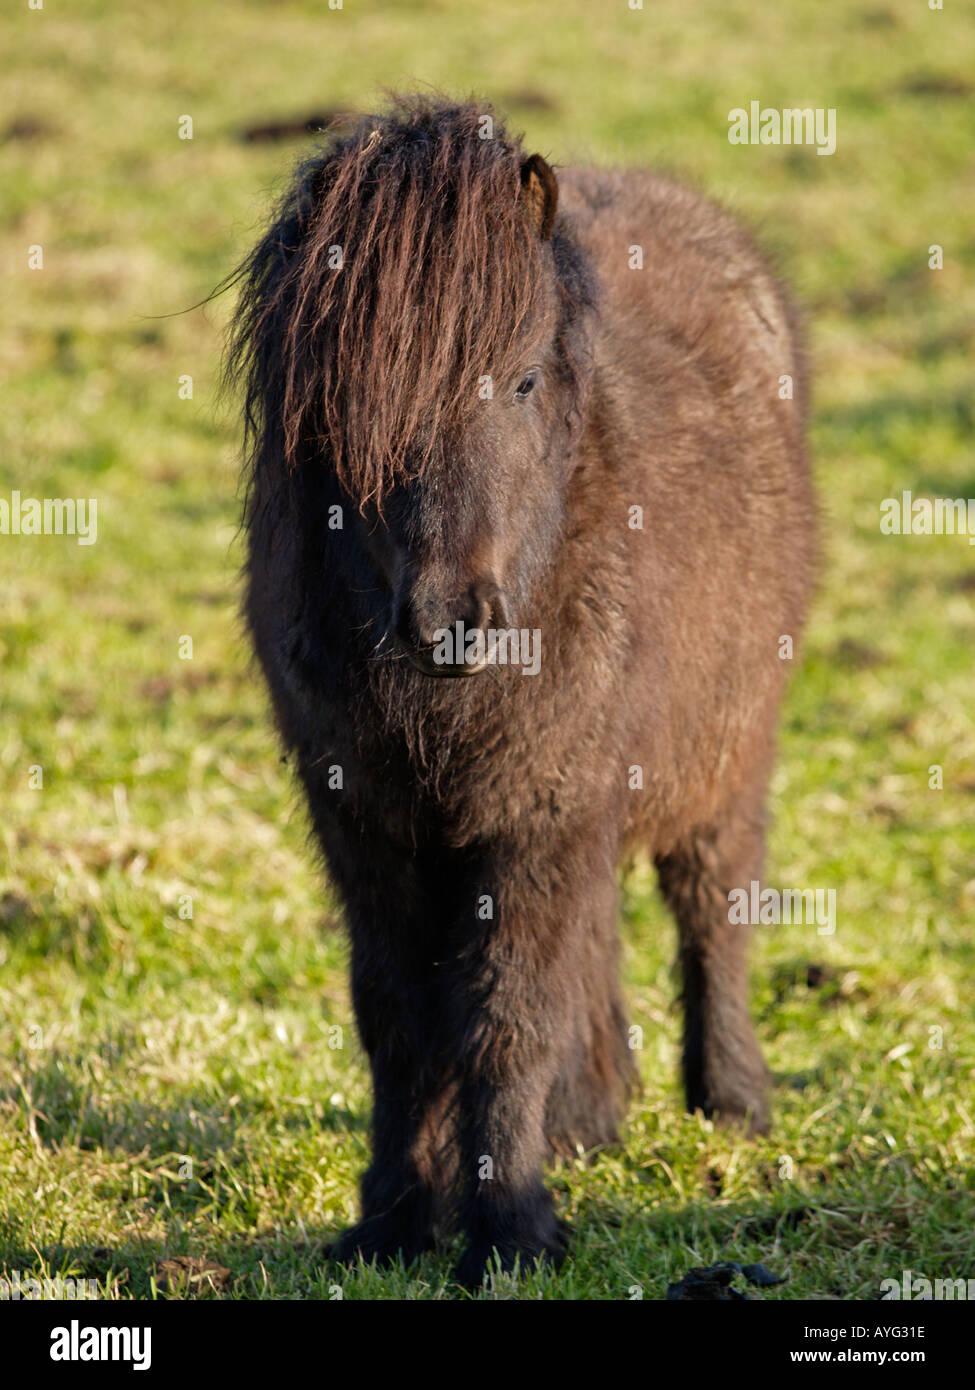 portrait d 39 un poney shetland couleur brun fonc avec de longs poils laineux la cam ra en vue. Black Bedroom Furniture Sets. Home Design Ideas